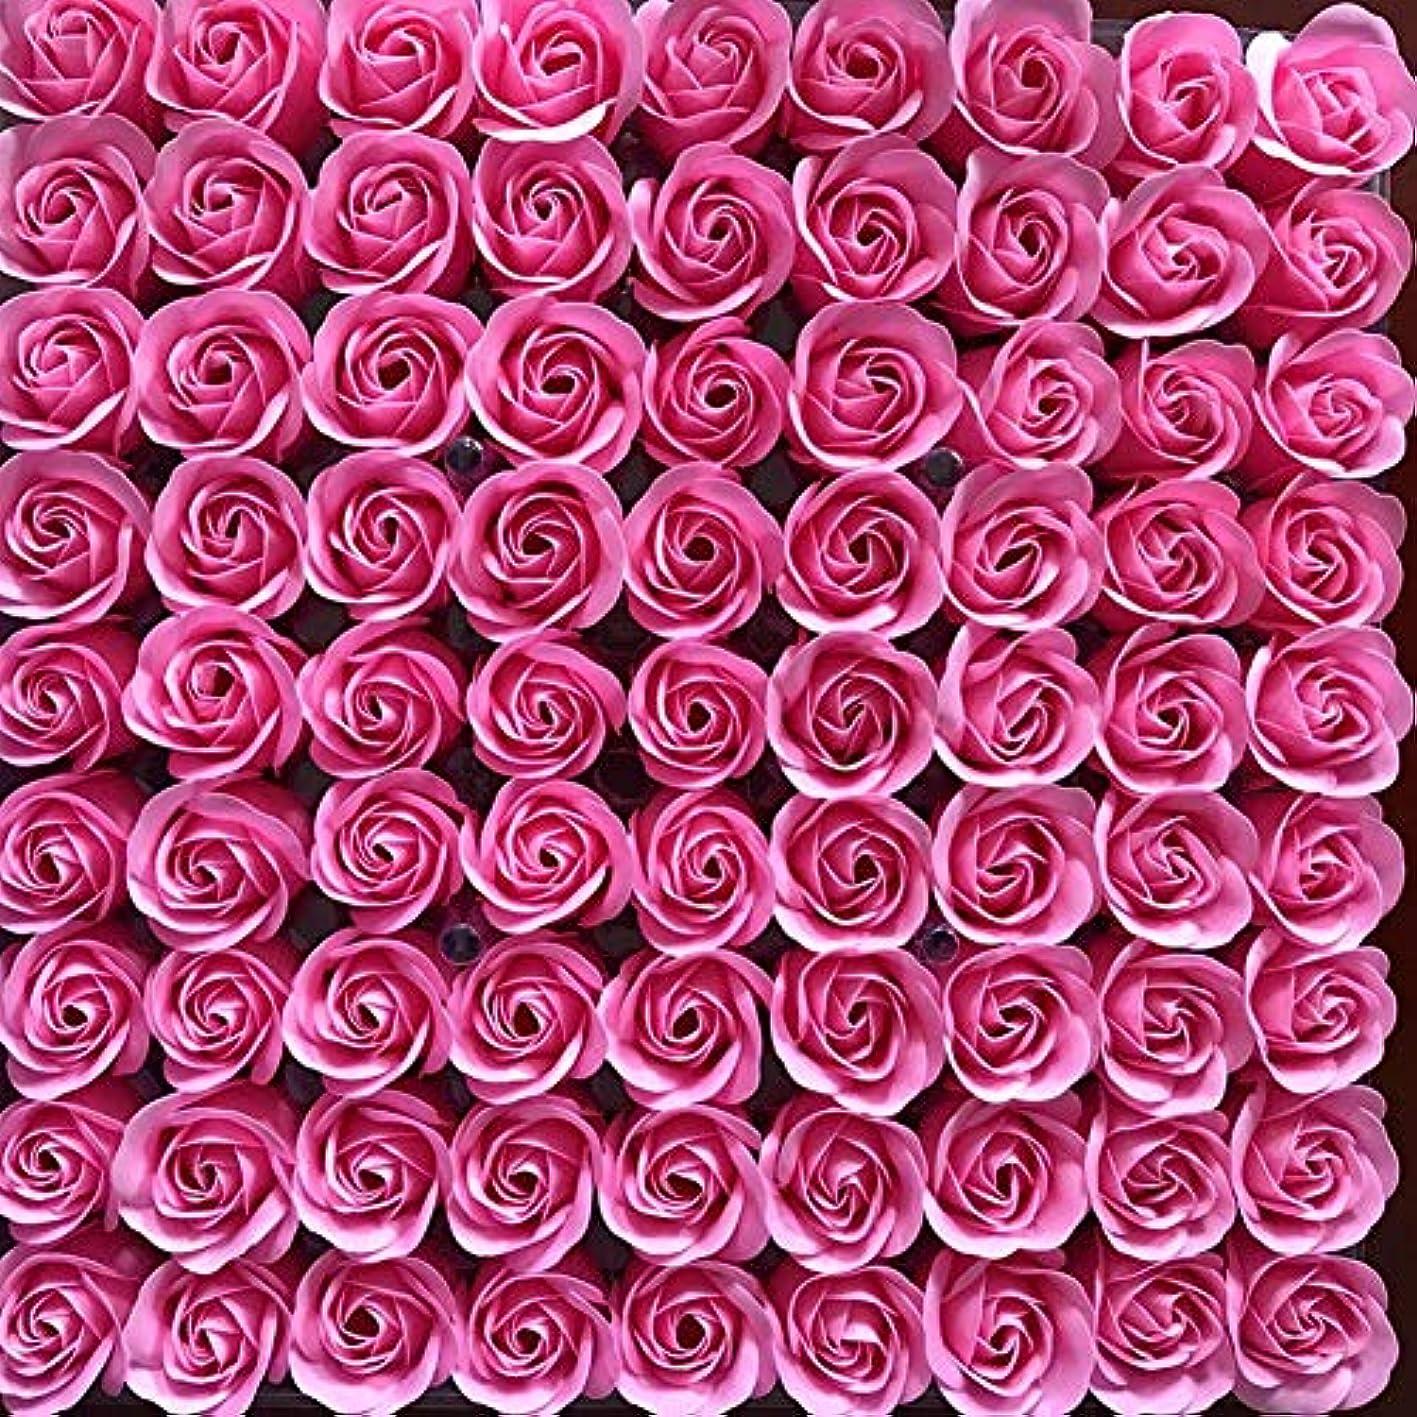 子供達全滅させるアルプス81PCS DIY ボディソープ バラ ローズ 洗濯用 フラワーソープ 良い香り 三層 贈り物 結婚披露宴 バレンタインデーギフト 石鹸の花+ボックス